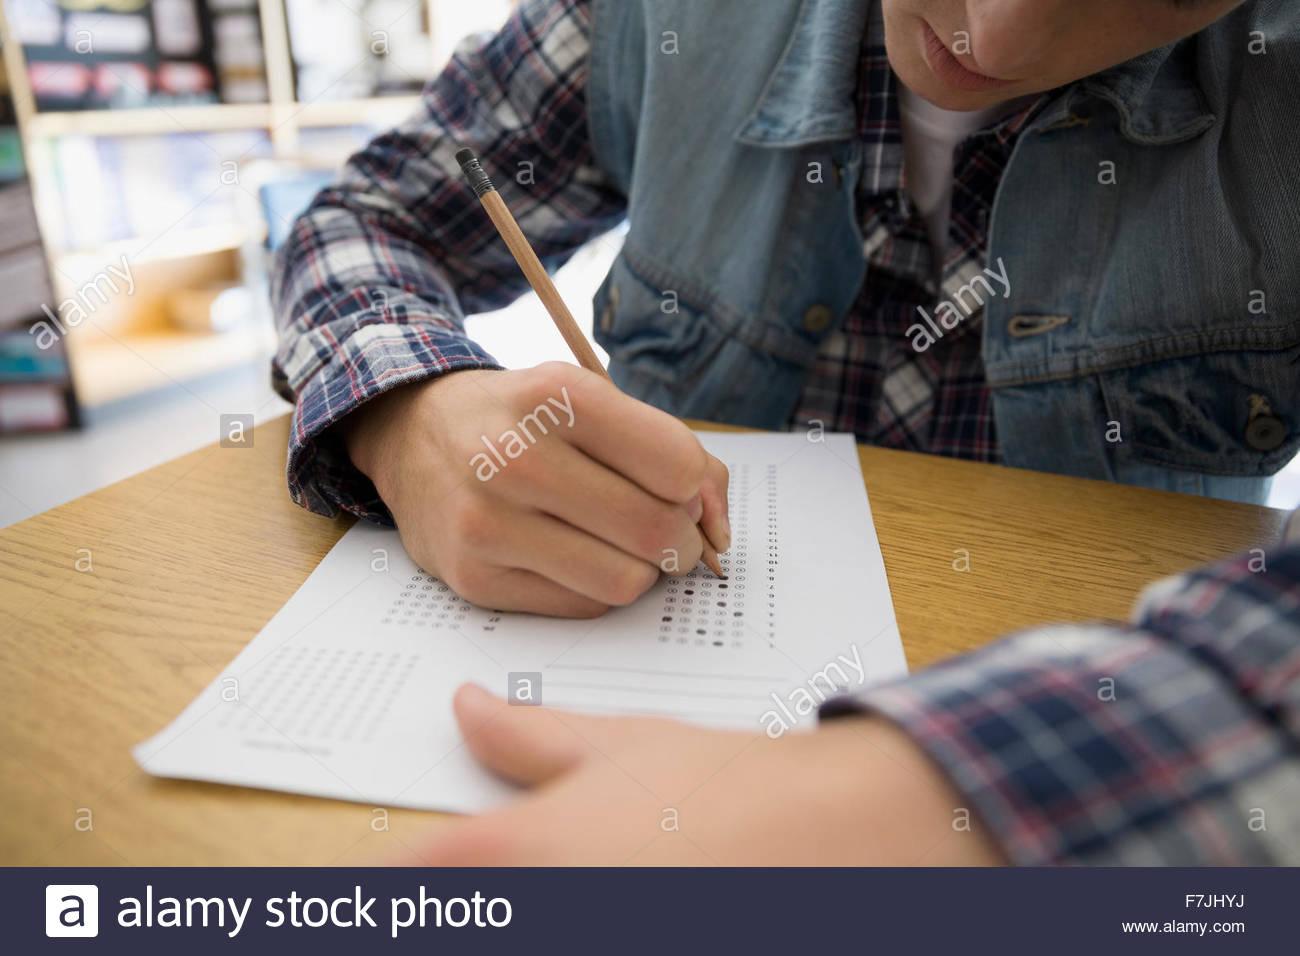 High school student remplir formulaire de test à choix multiples Photo Stock